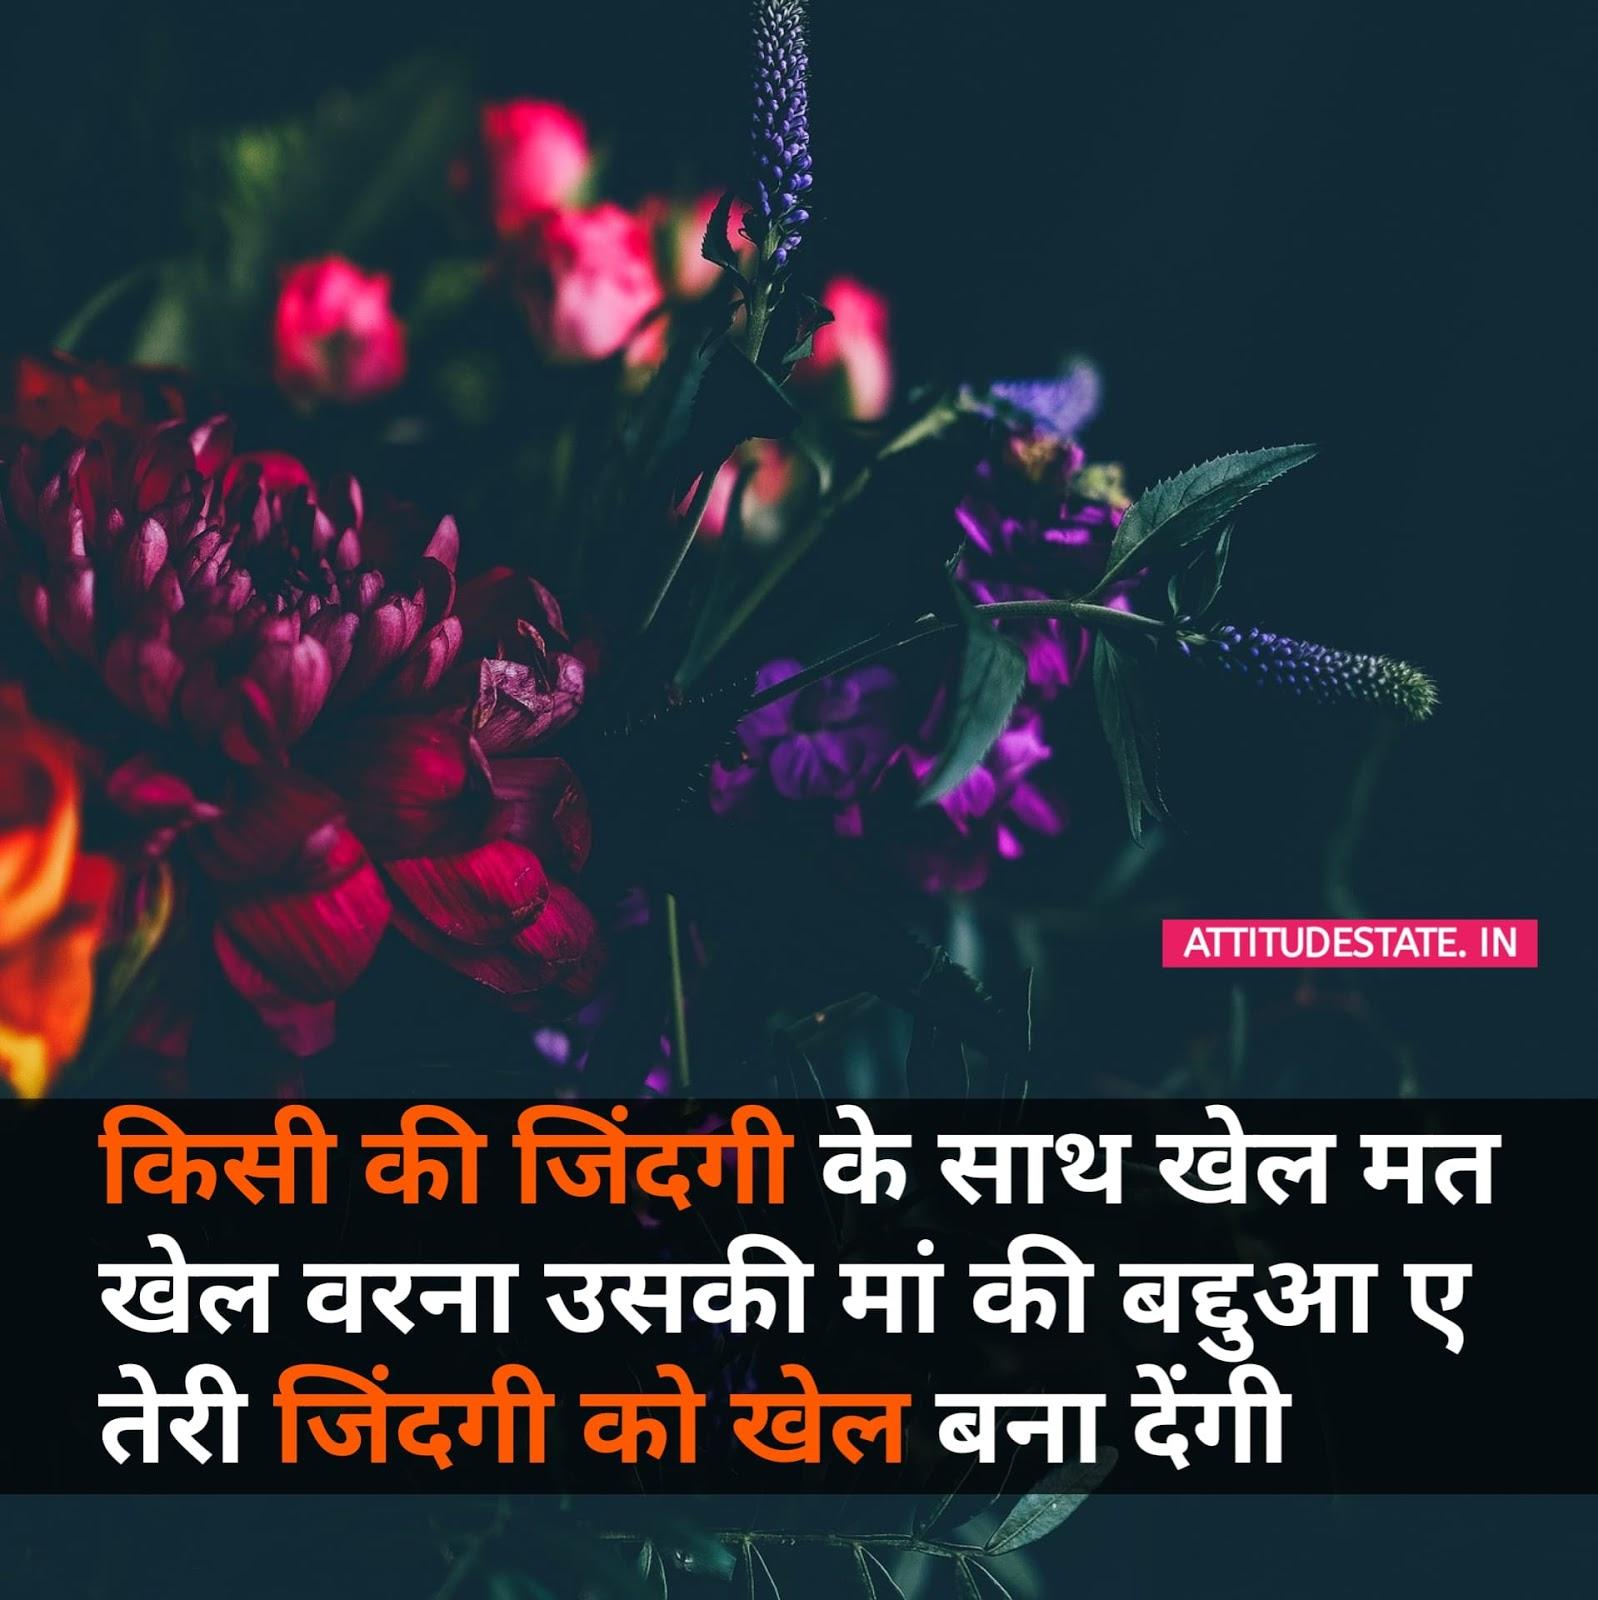 Top 20 Maa Vs Gf Status Shayari Quotes In Hindi Hd Dp Best Shayari Status Quotes In Hindi 2021